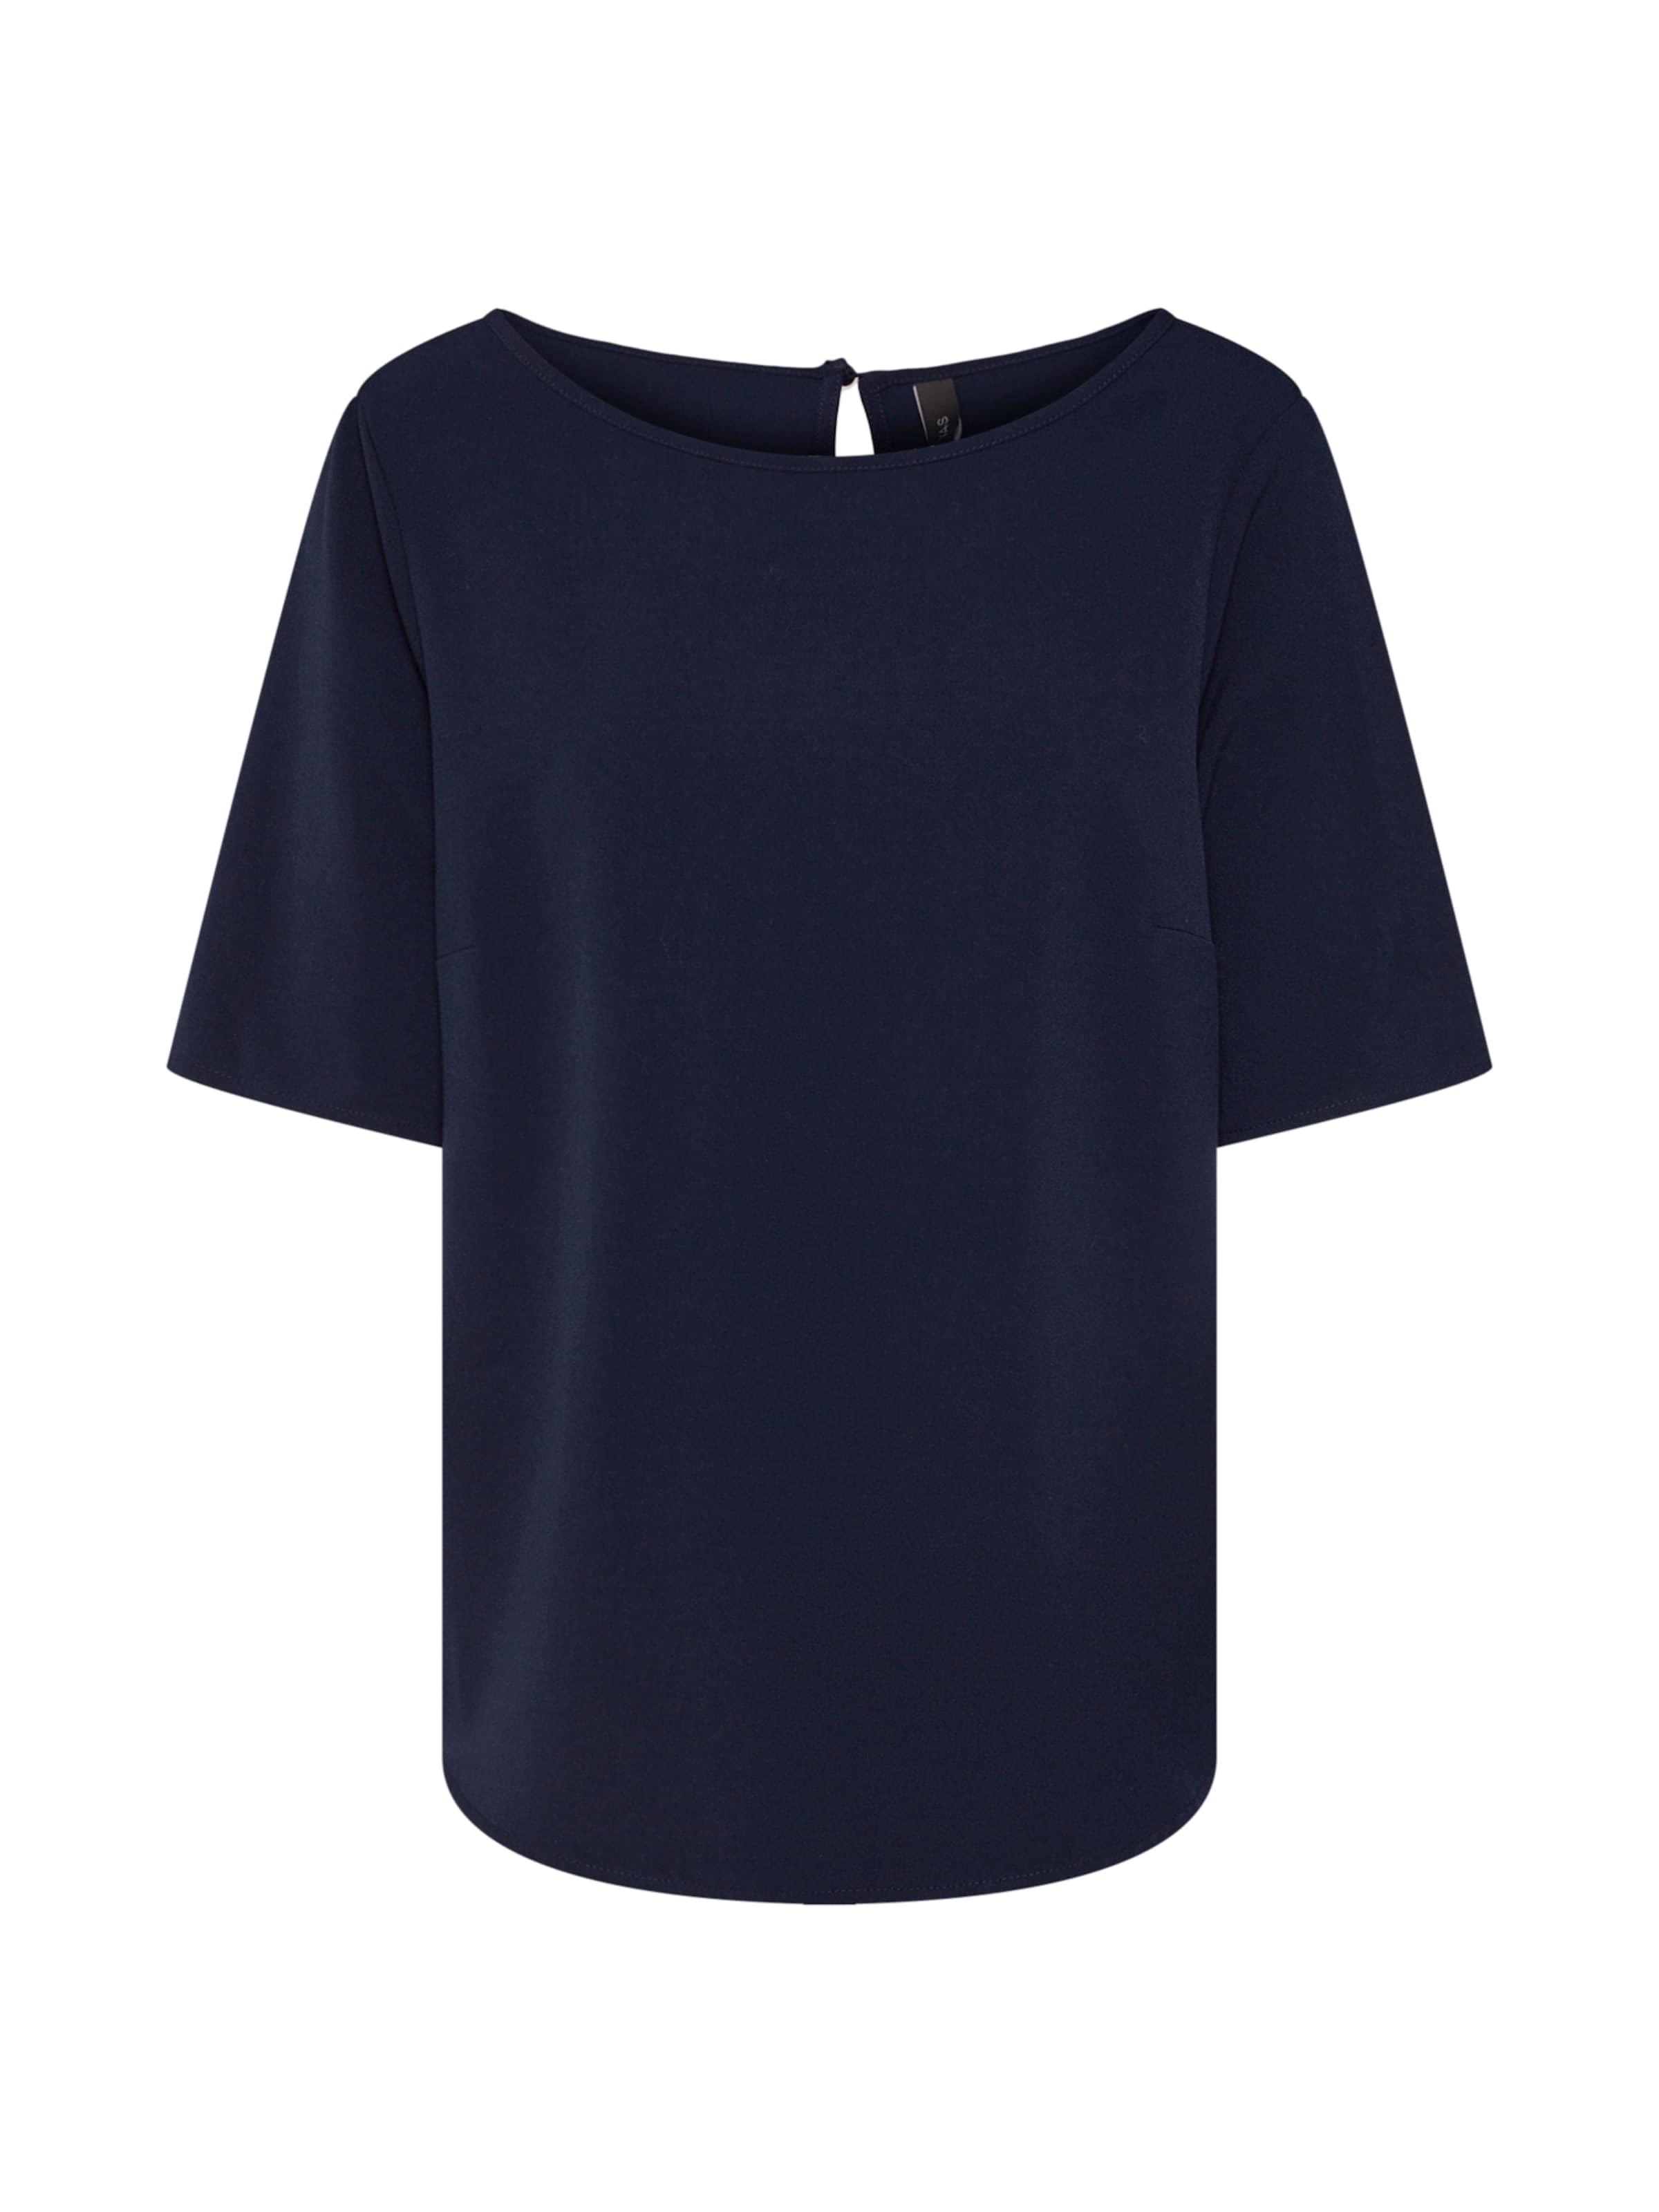 Y In Shirt s 'clady' a Dunkelblau 0POn8wk